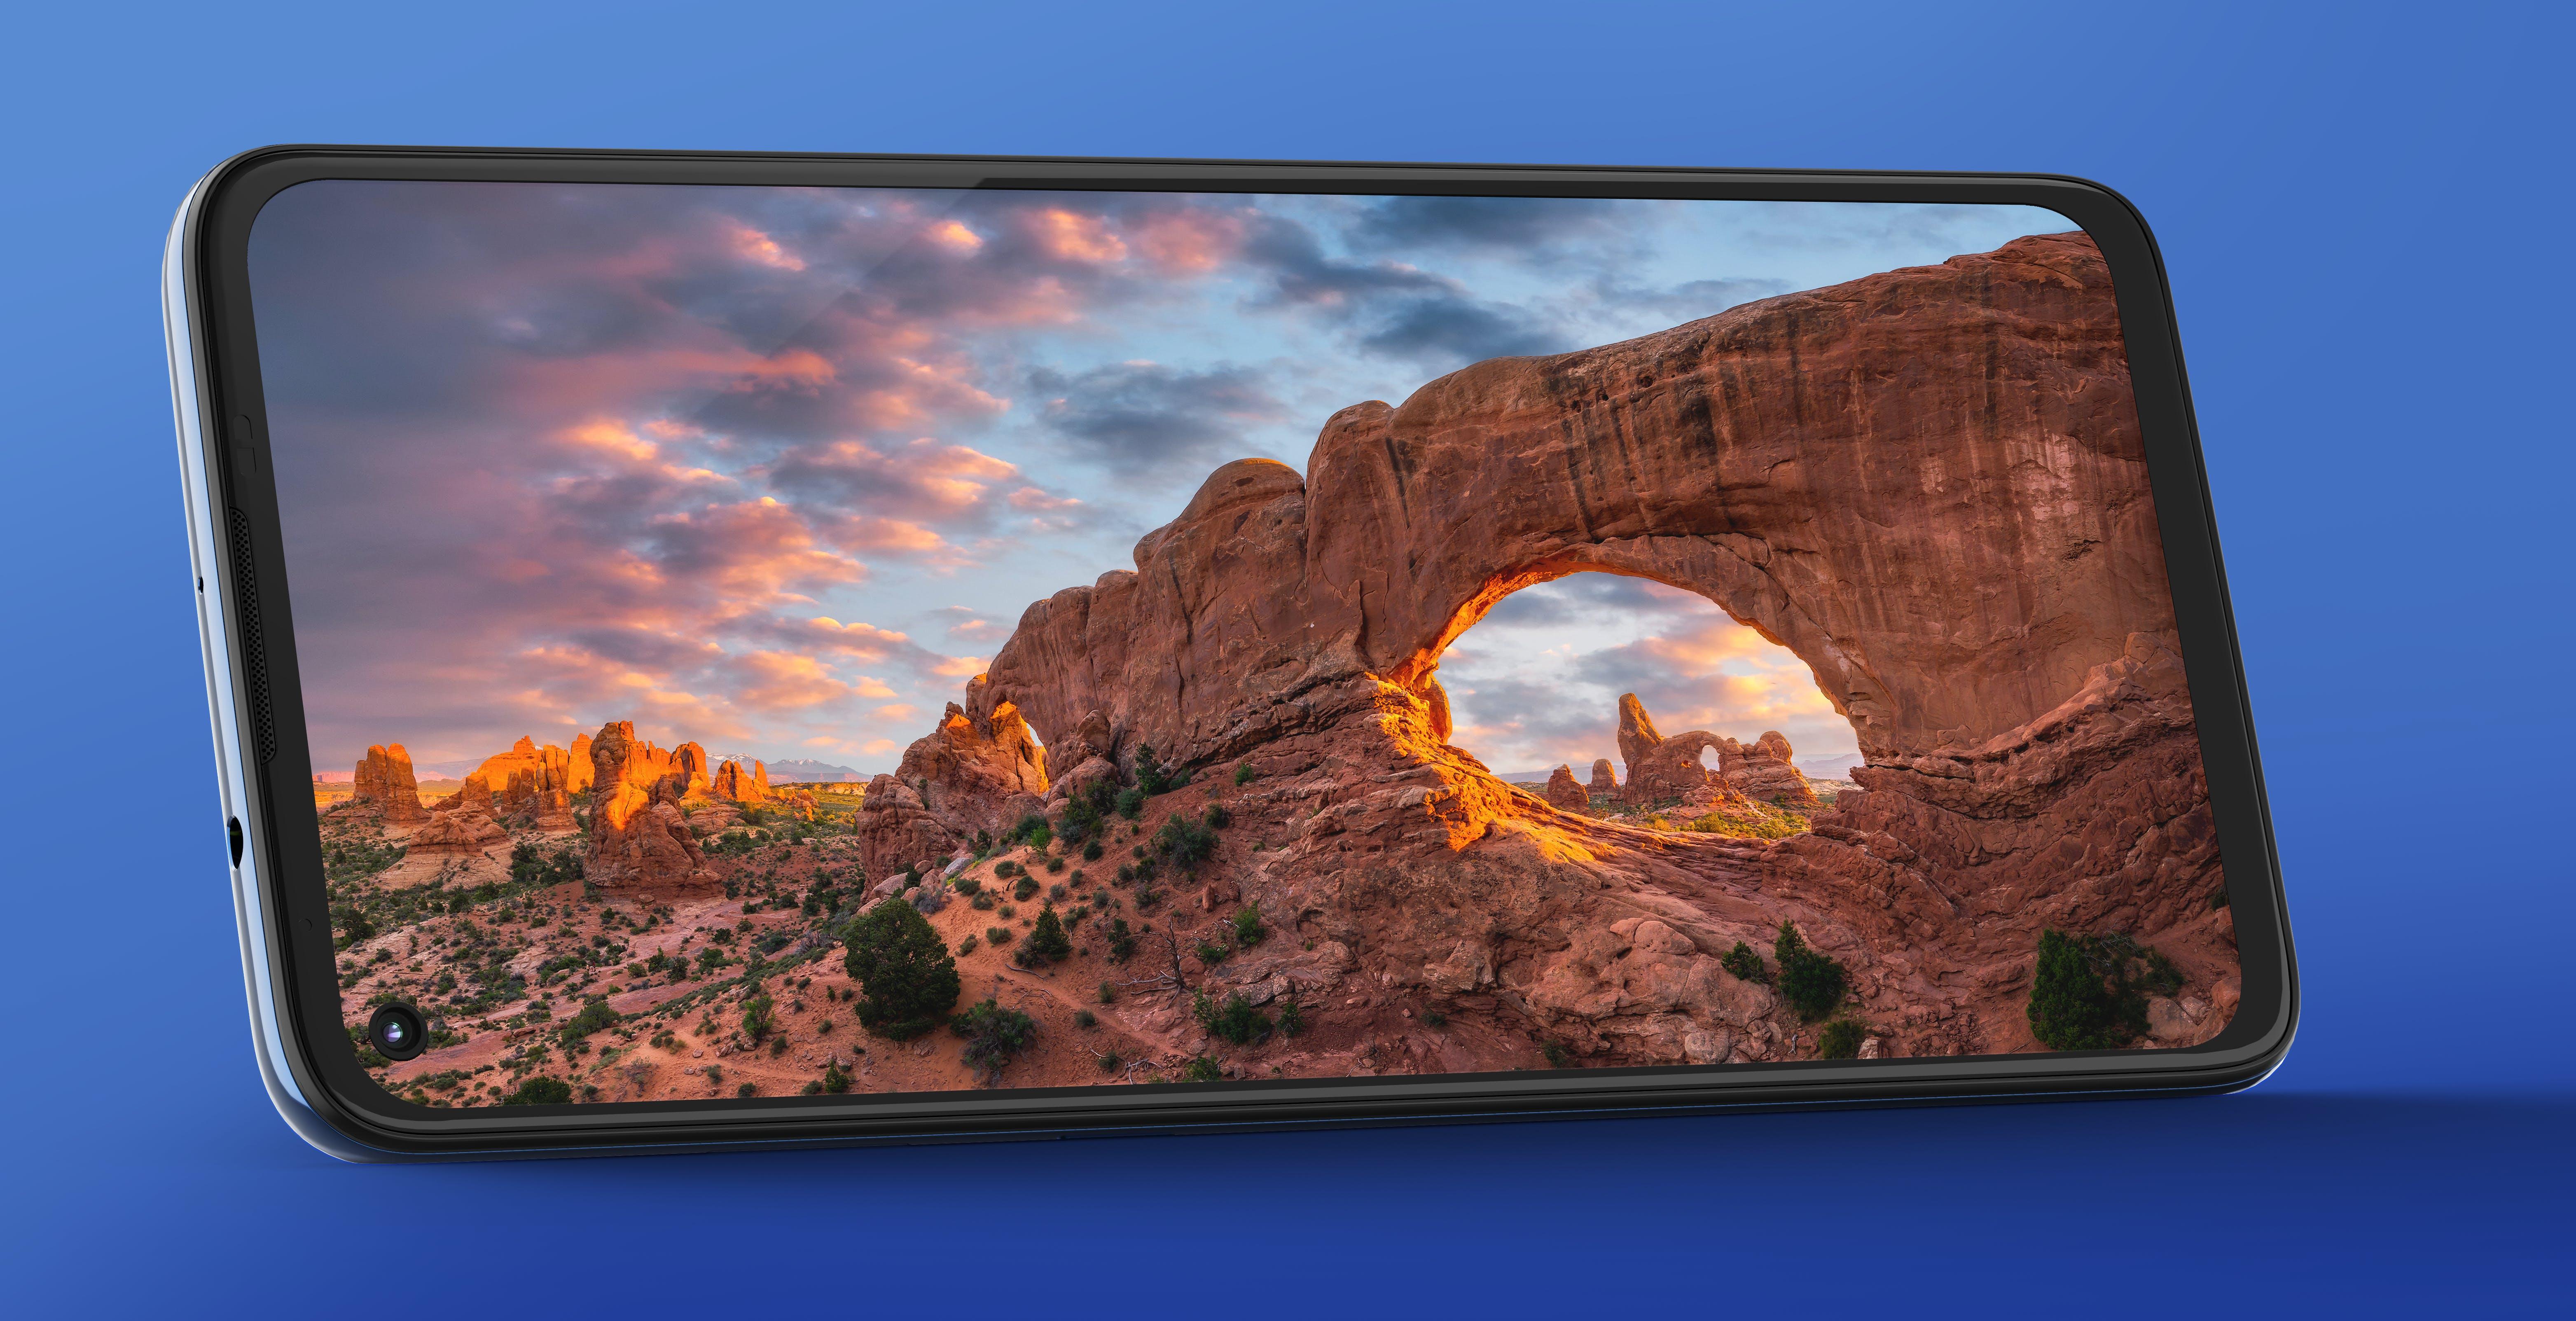 Moto G9 Plus e Moto E7 Plus: l'offerta entry-level di Motorola parte da 169 euro